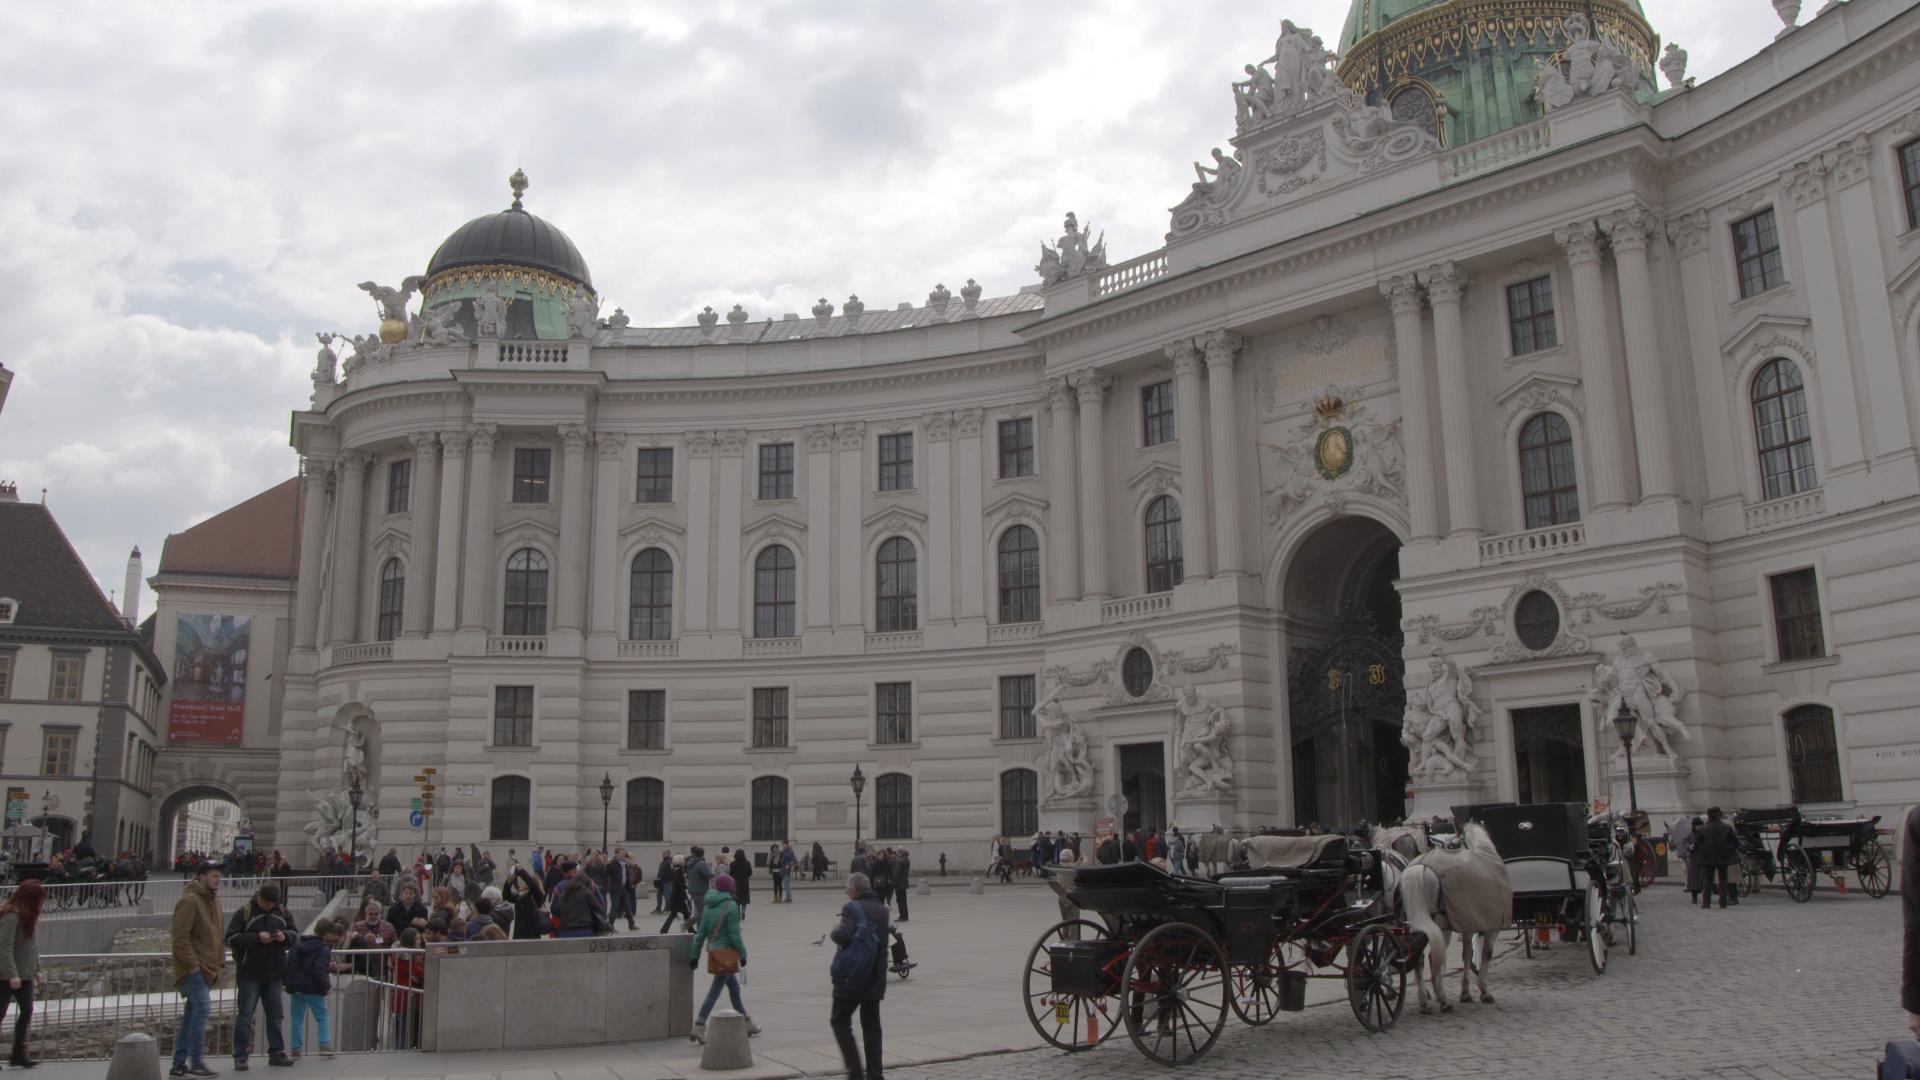 VHH_Glanz-des-alten-Adels_07_Hofburg- -Clever-Contents-Filmproduktion